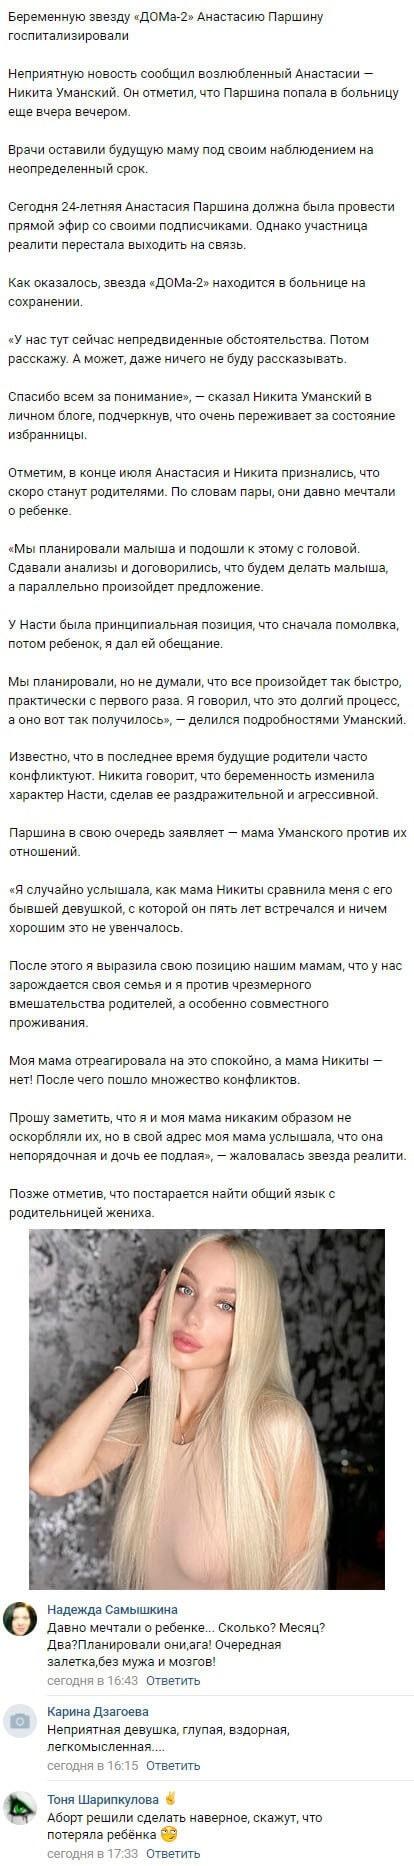 Беременную Анастасию Паршину экстренно госпитализировали